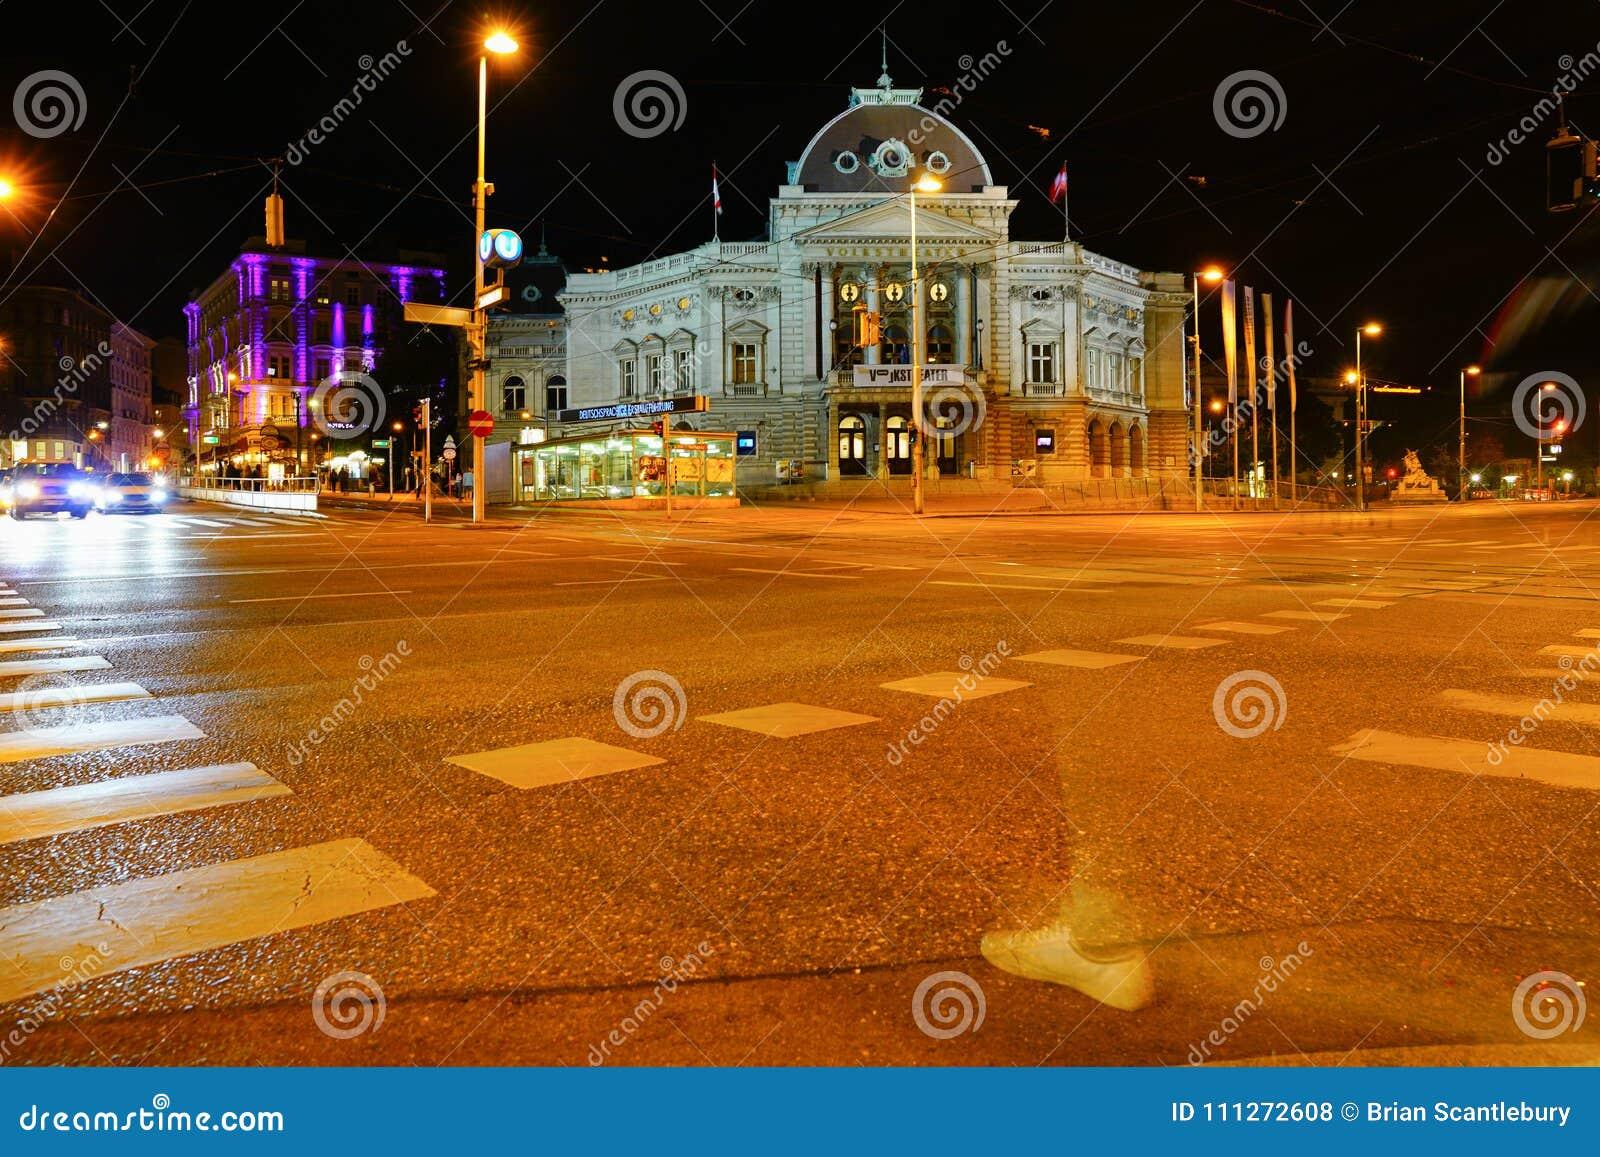 Cena da rua da noite com teatro famoso através da interseção